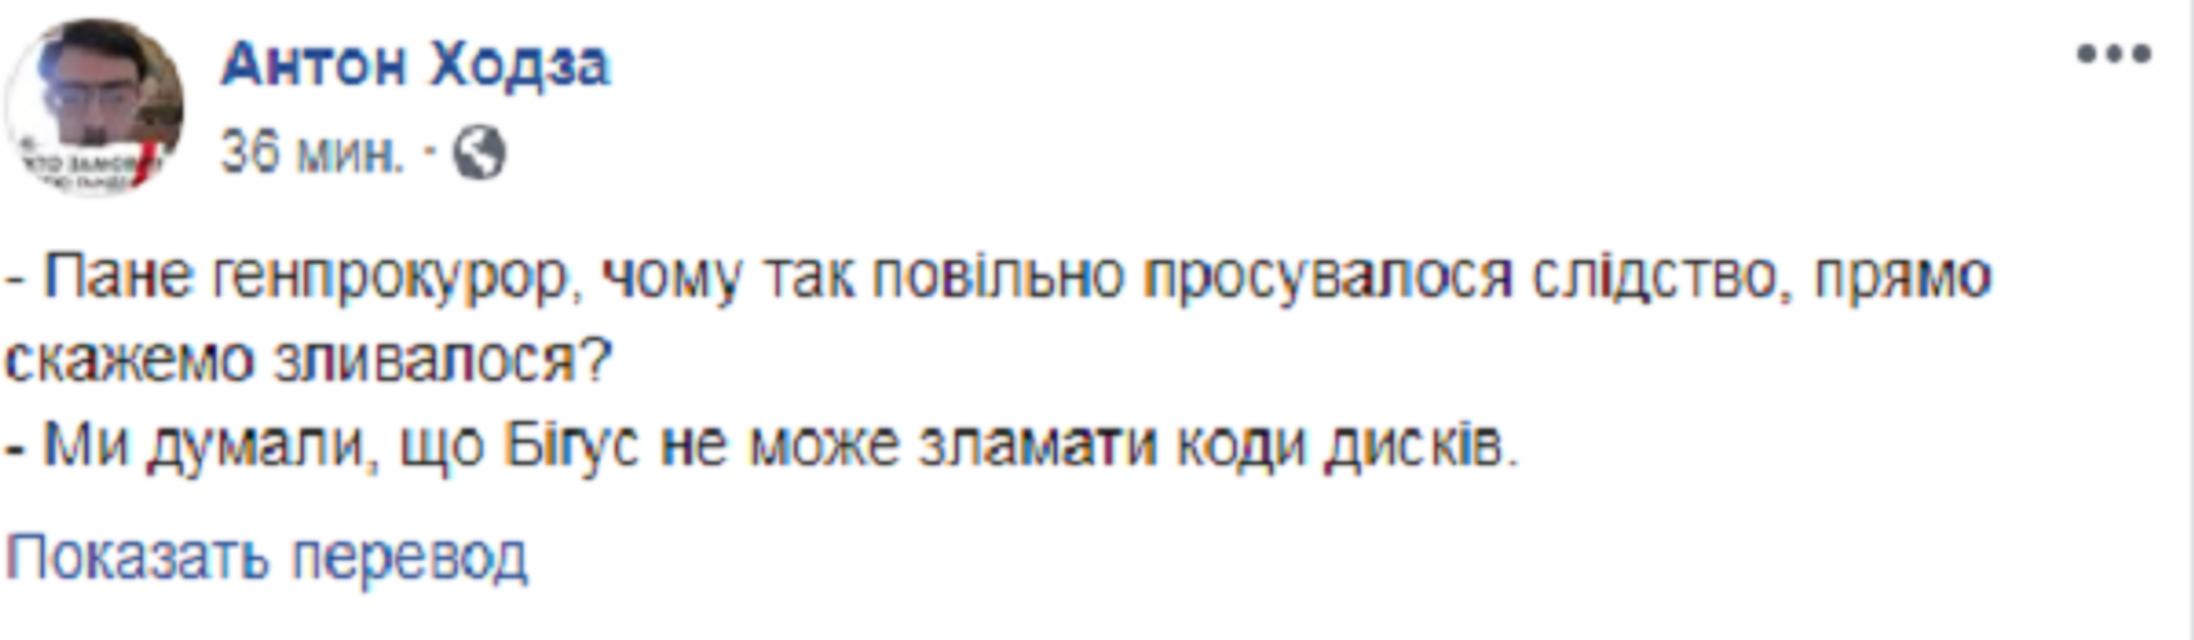 Бигус взломал ГПУ: Луценко сделал безумное заявление - фото 175761